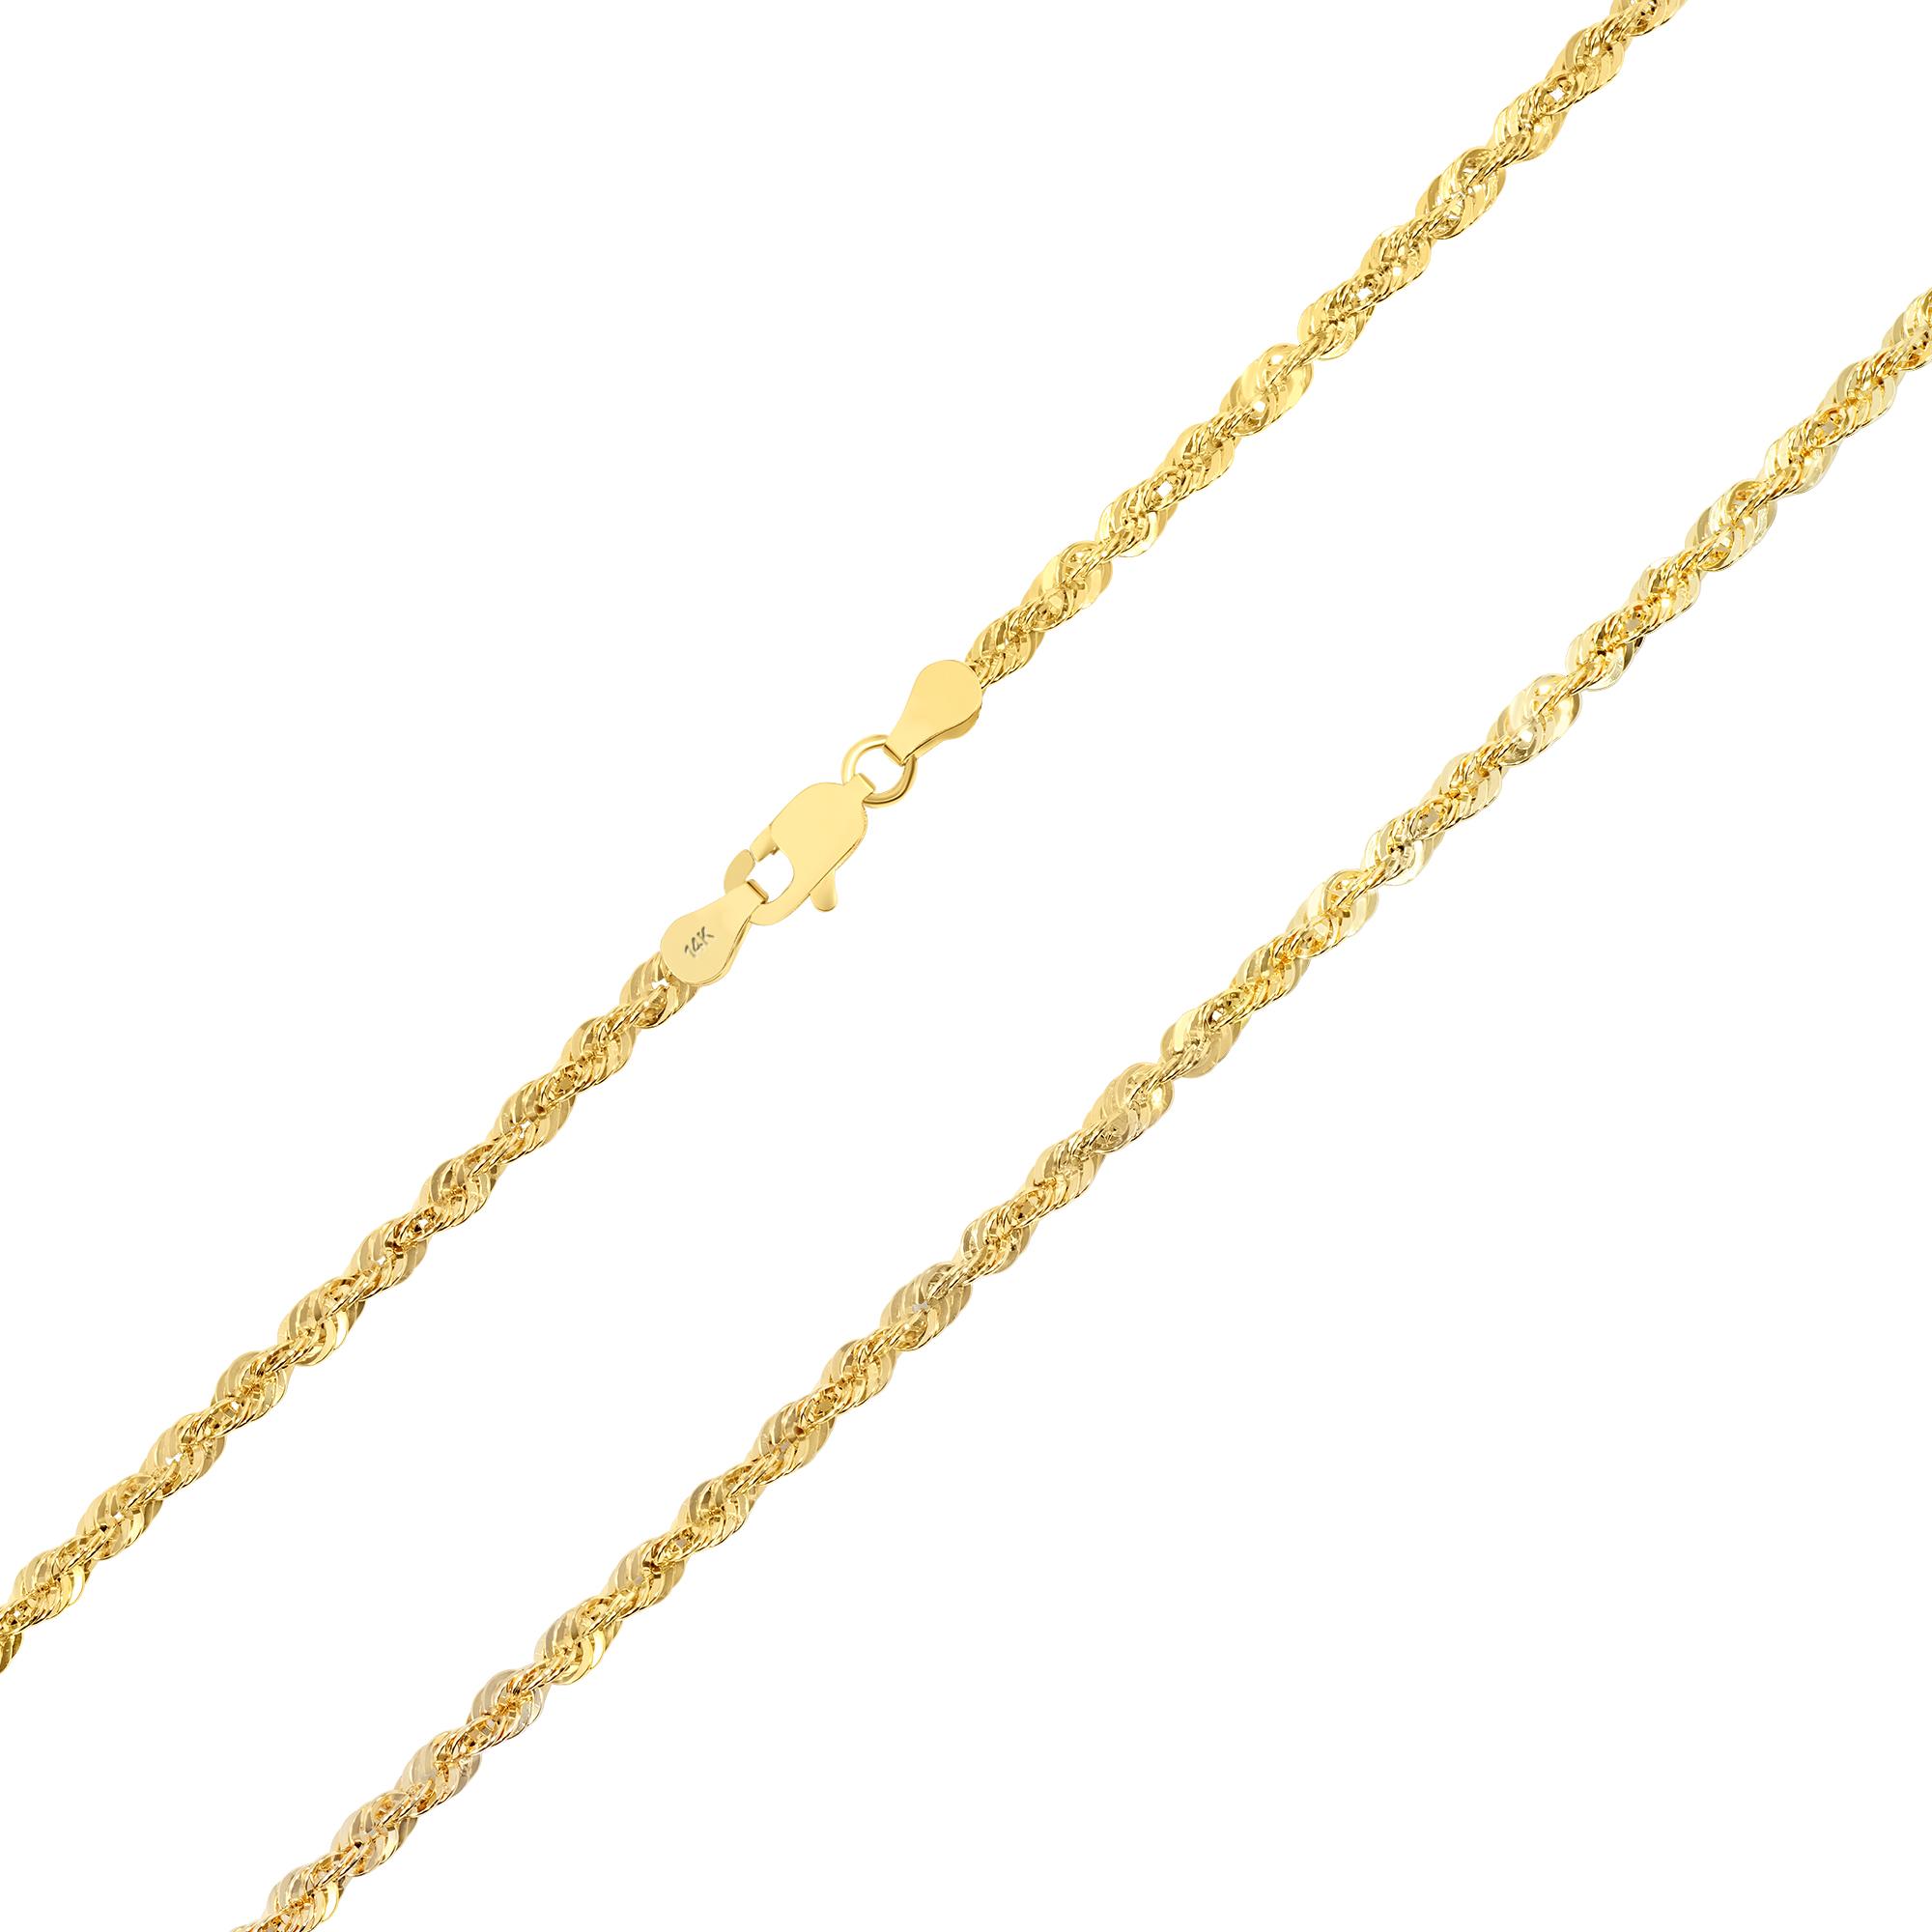 Details zu Original 14K Gelbgold 3mm Herren Seil Italienische Kette Glieder Anhänger 76.2cm